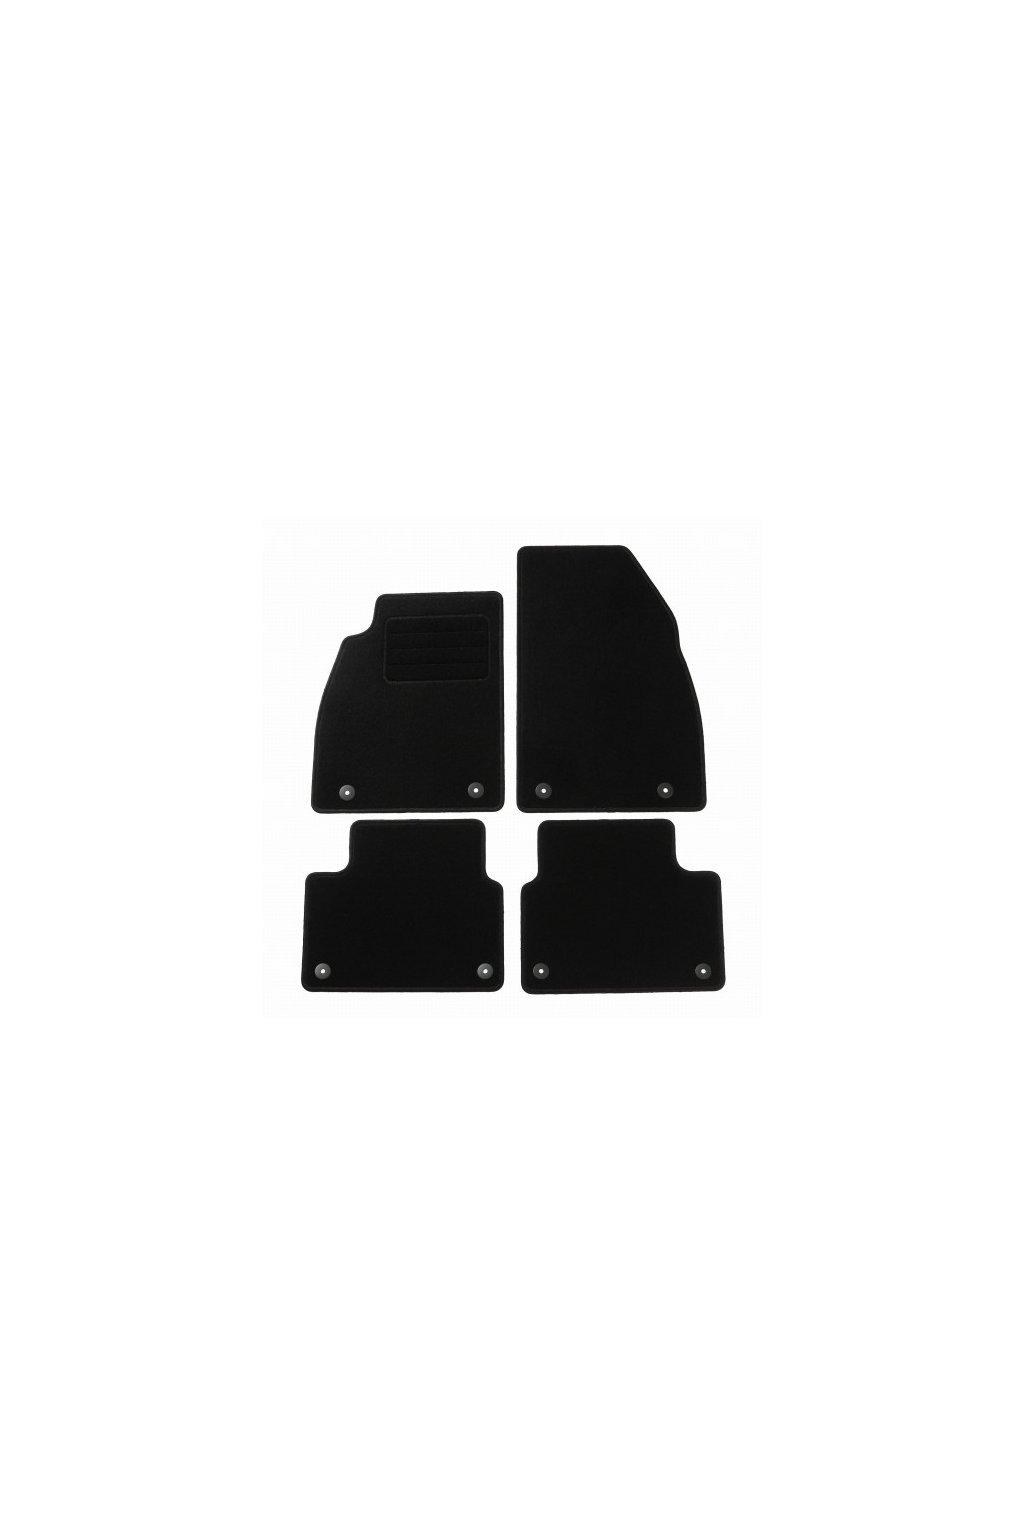 Koberce textilni ACR Opel Insignia A 2013-2017 černá